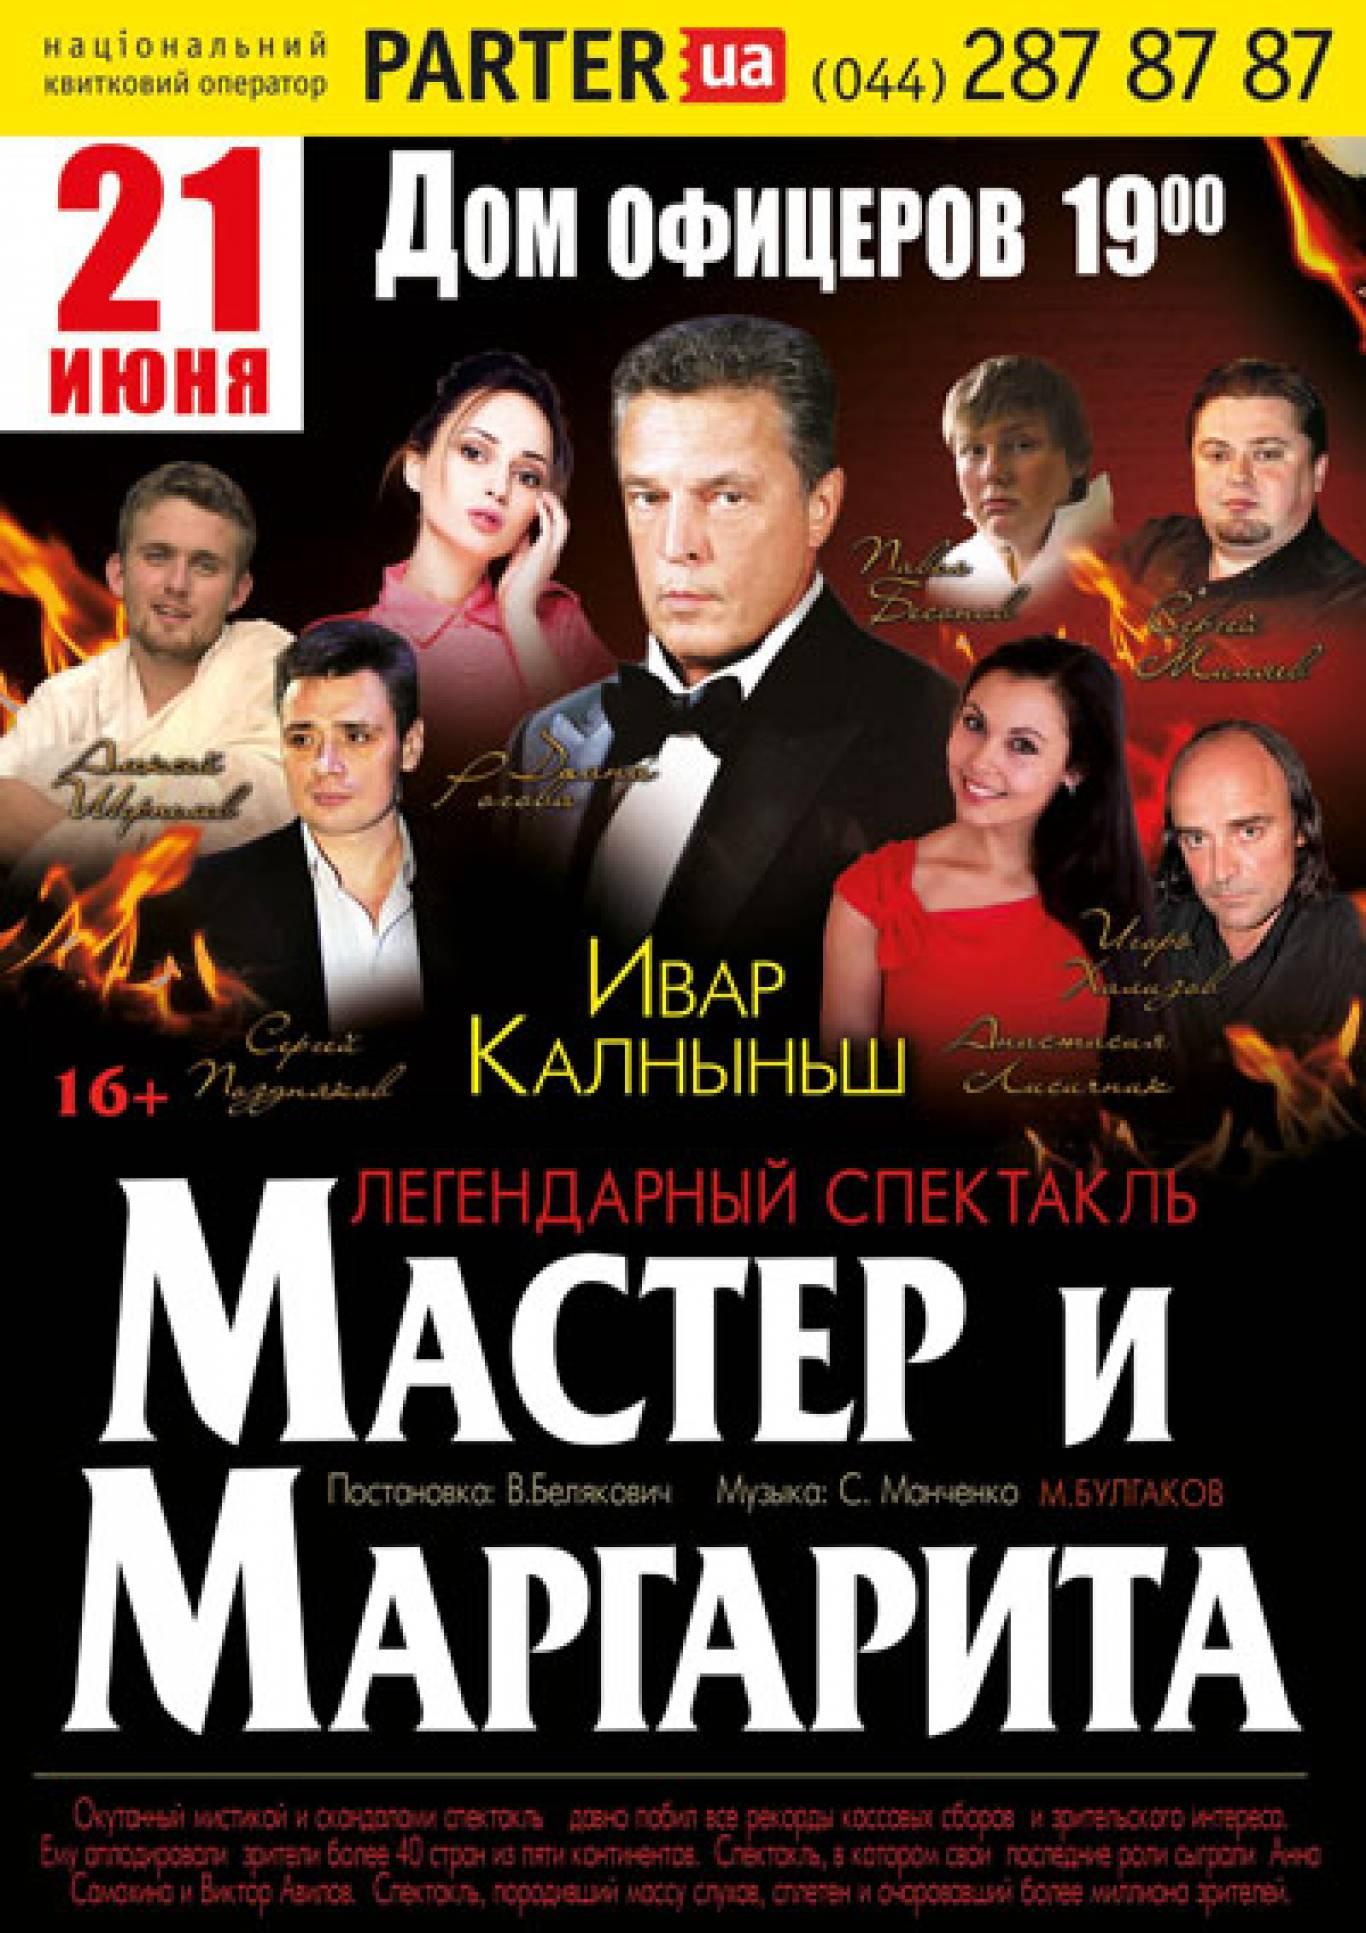 """Івар Калниньш в спектаклі """"Майстер і Маргарита"""""""